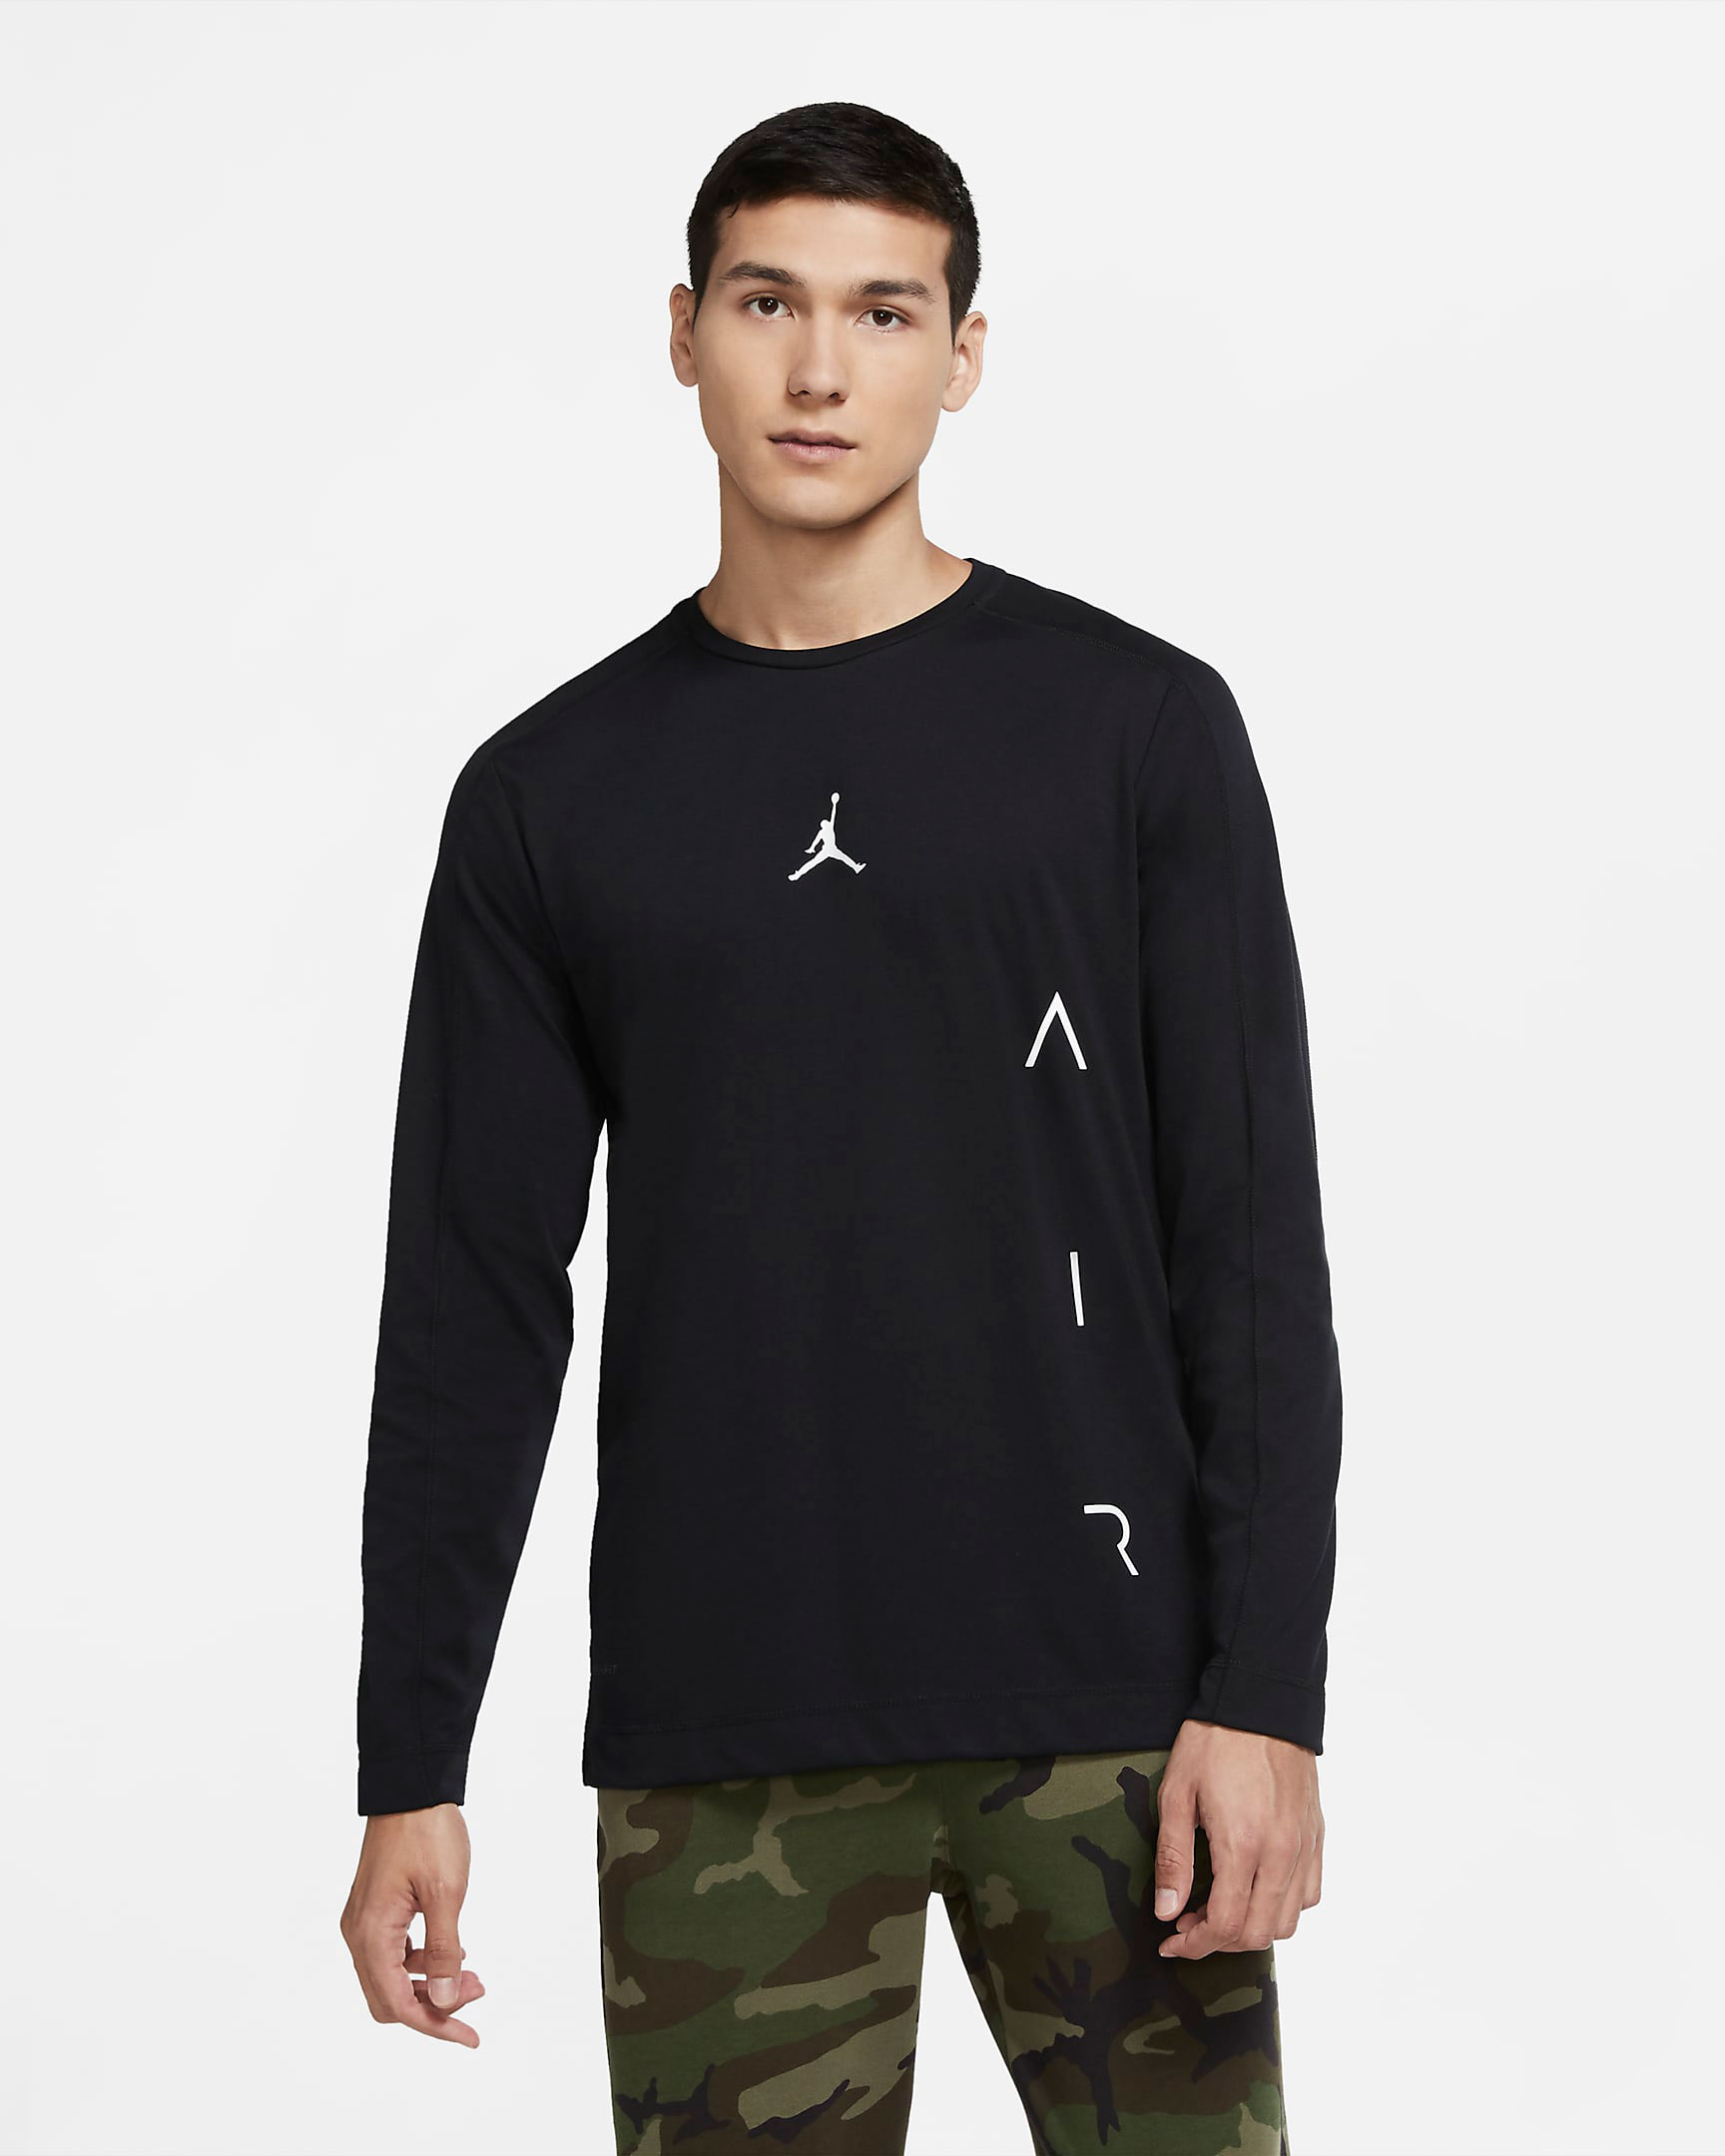 jordan-air-long-sleeve-shirt-black-white